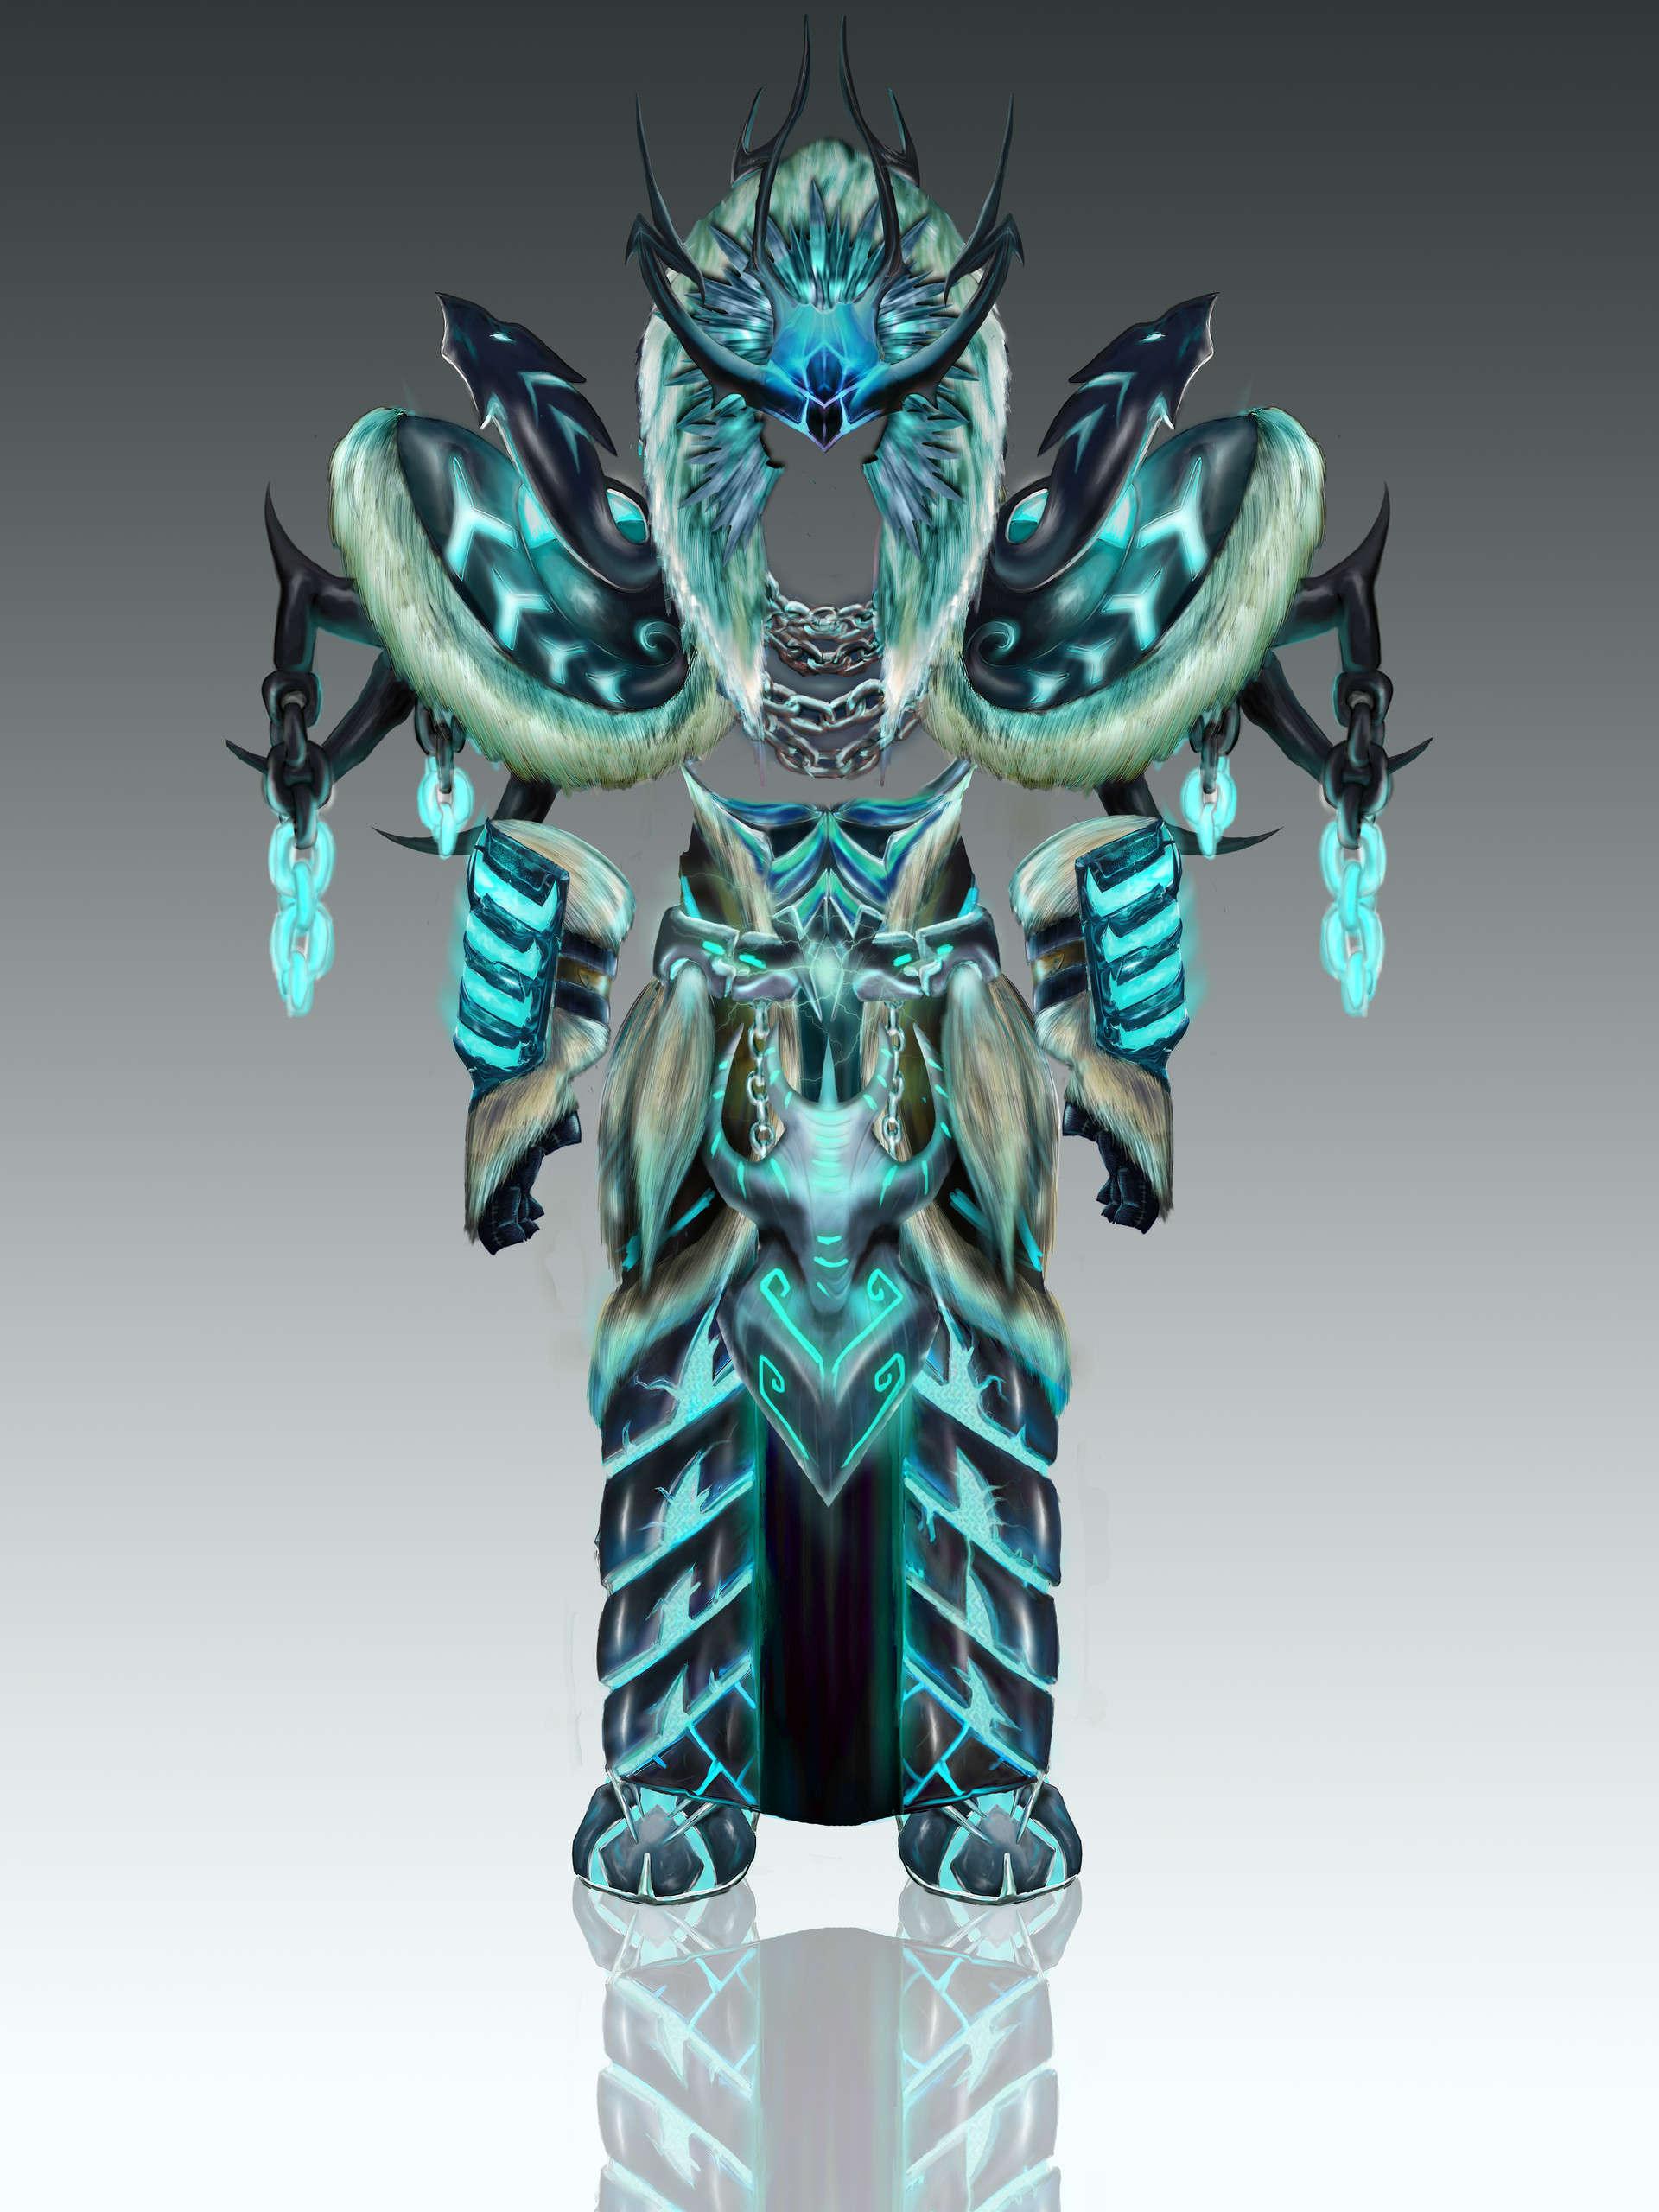 同人逼死官方系列:国外设计师创作魔兽职业套装